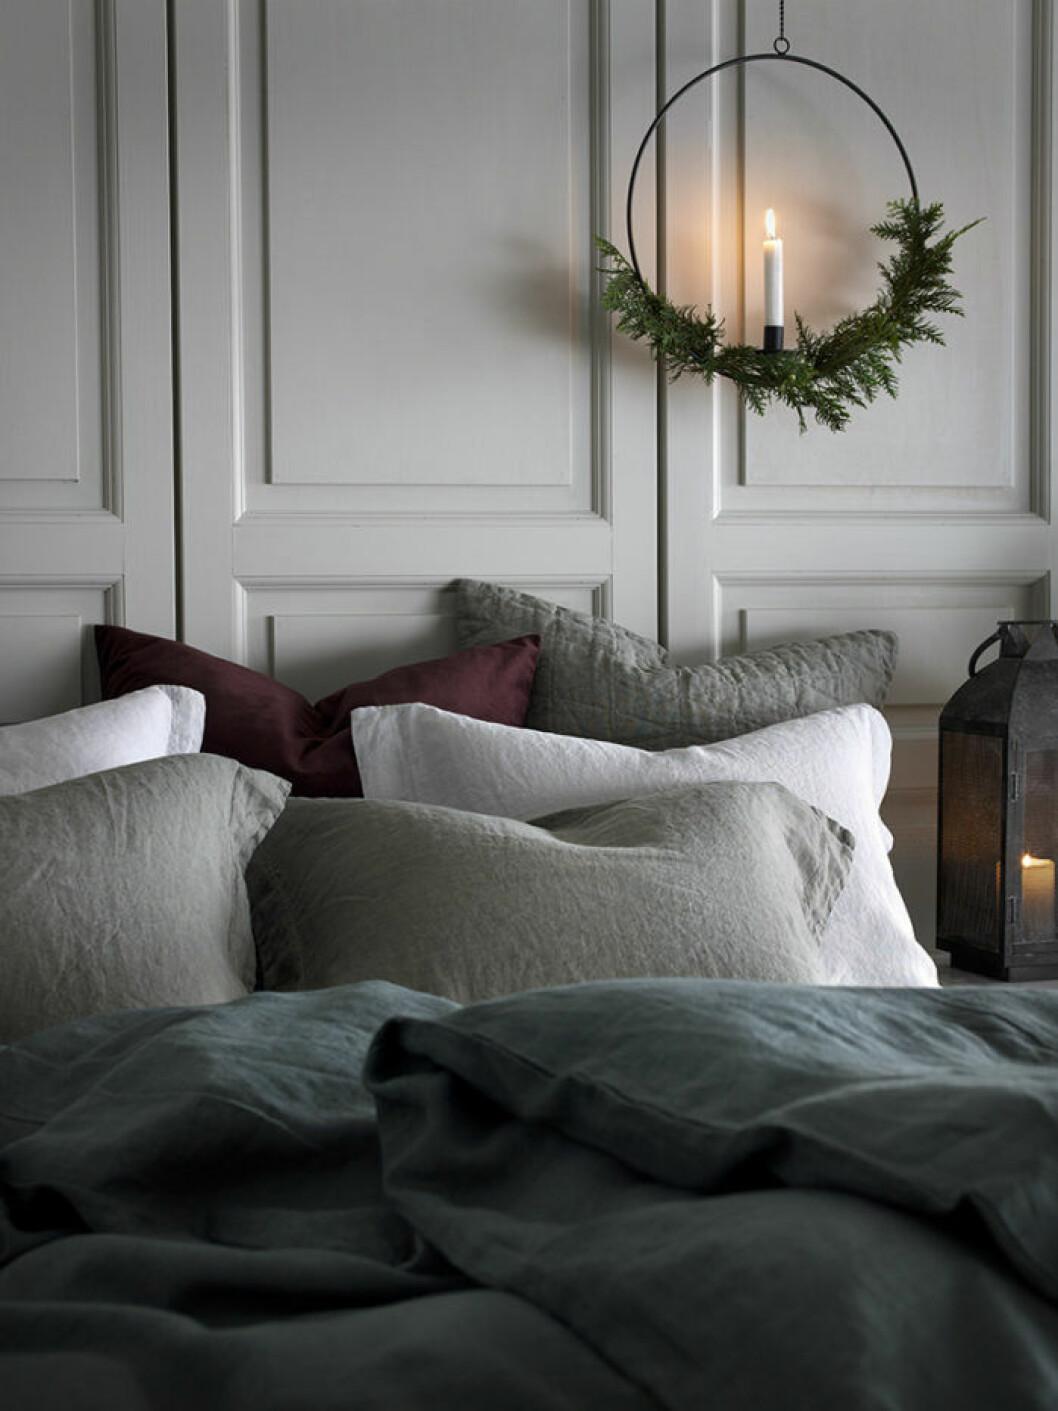 Bäddad säng i julstämning